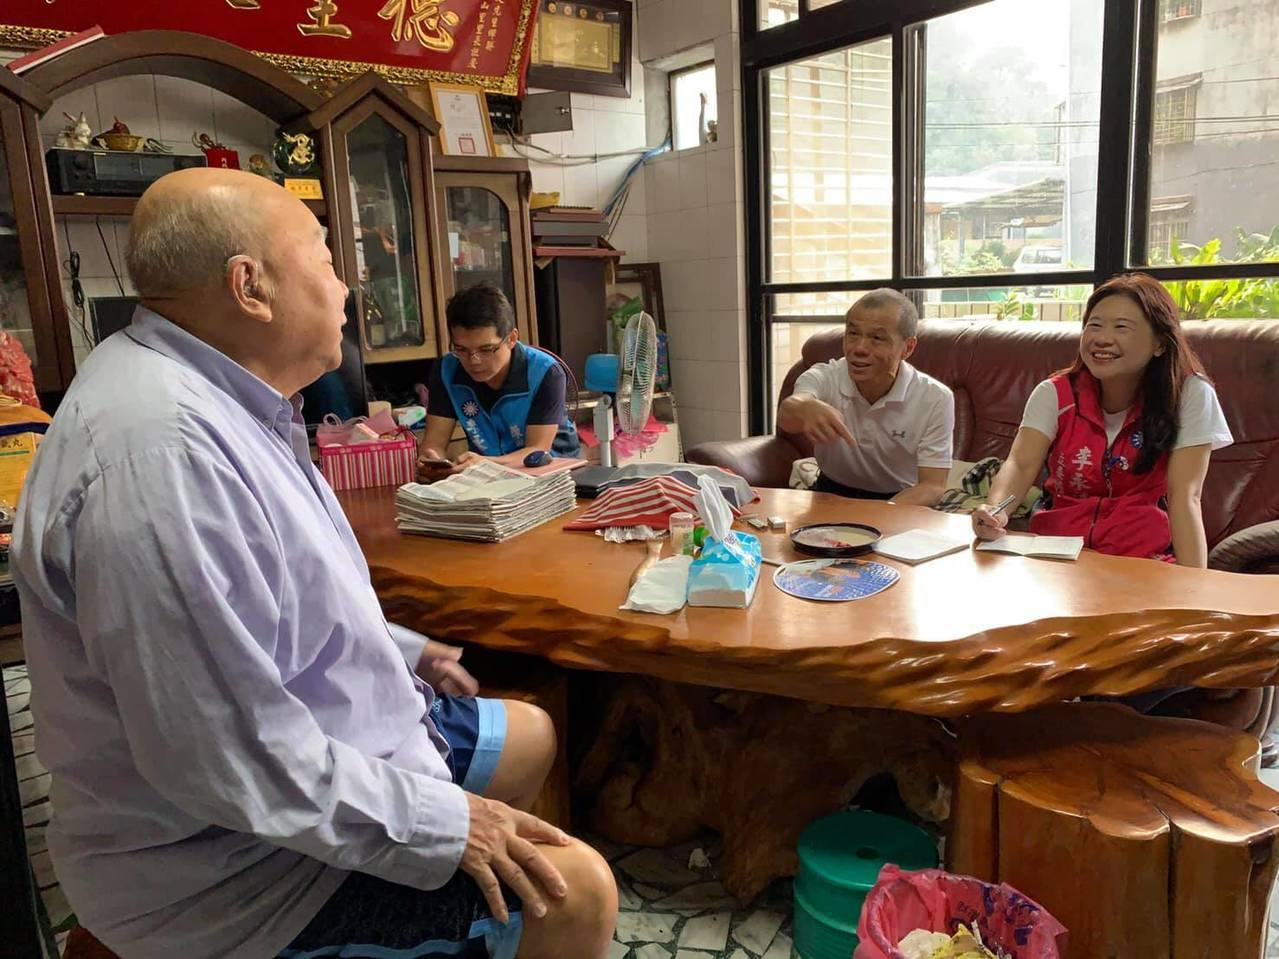 國民黨參選人李永萍(右)表示,七星區幅員廣大,不能讓沒有經驗的實習生負責,而她擁...